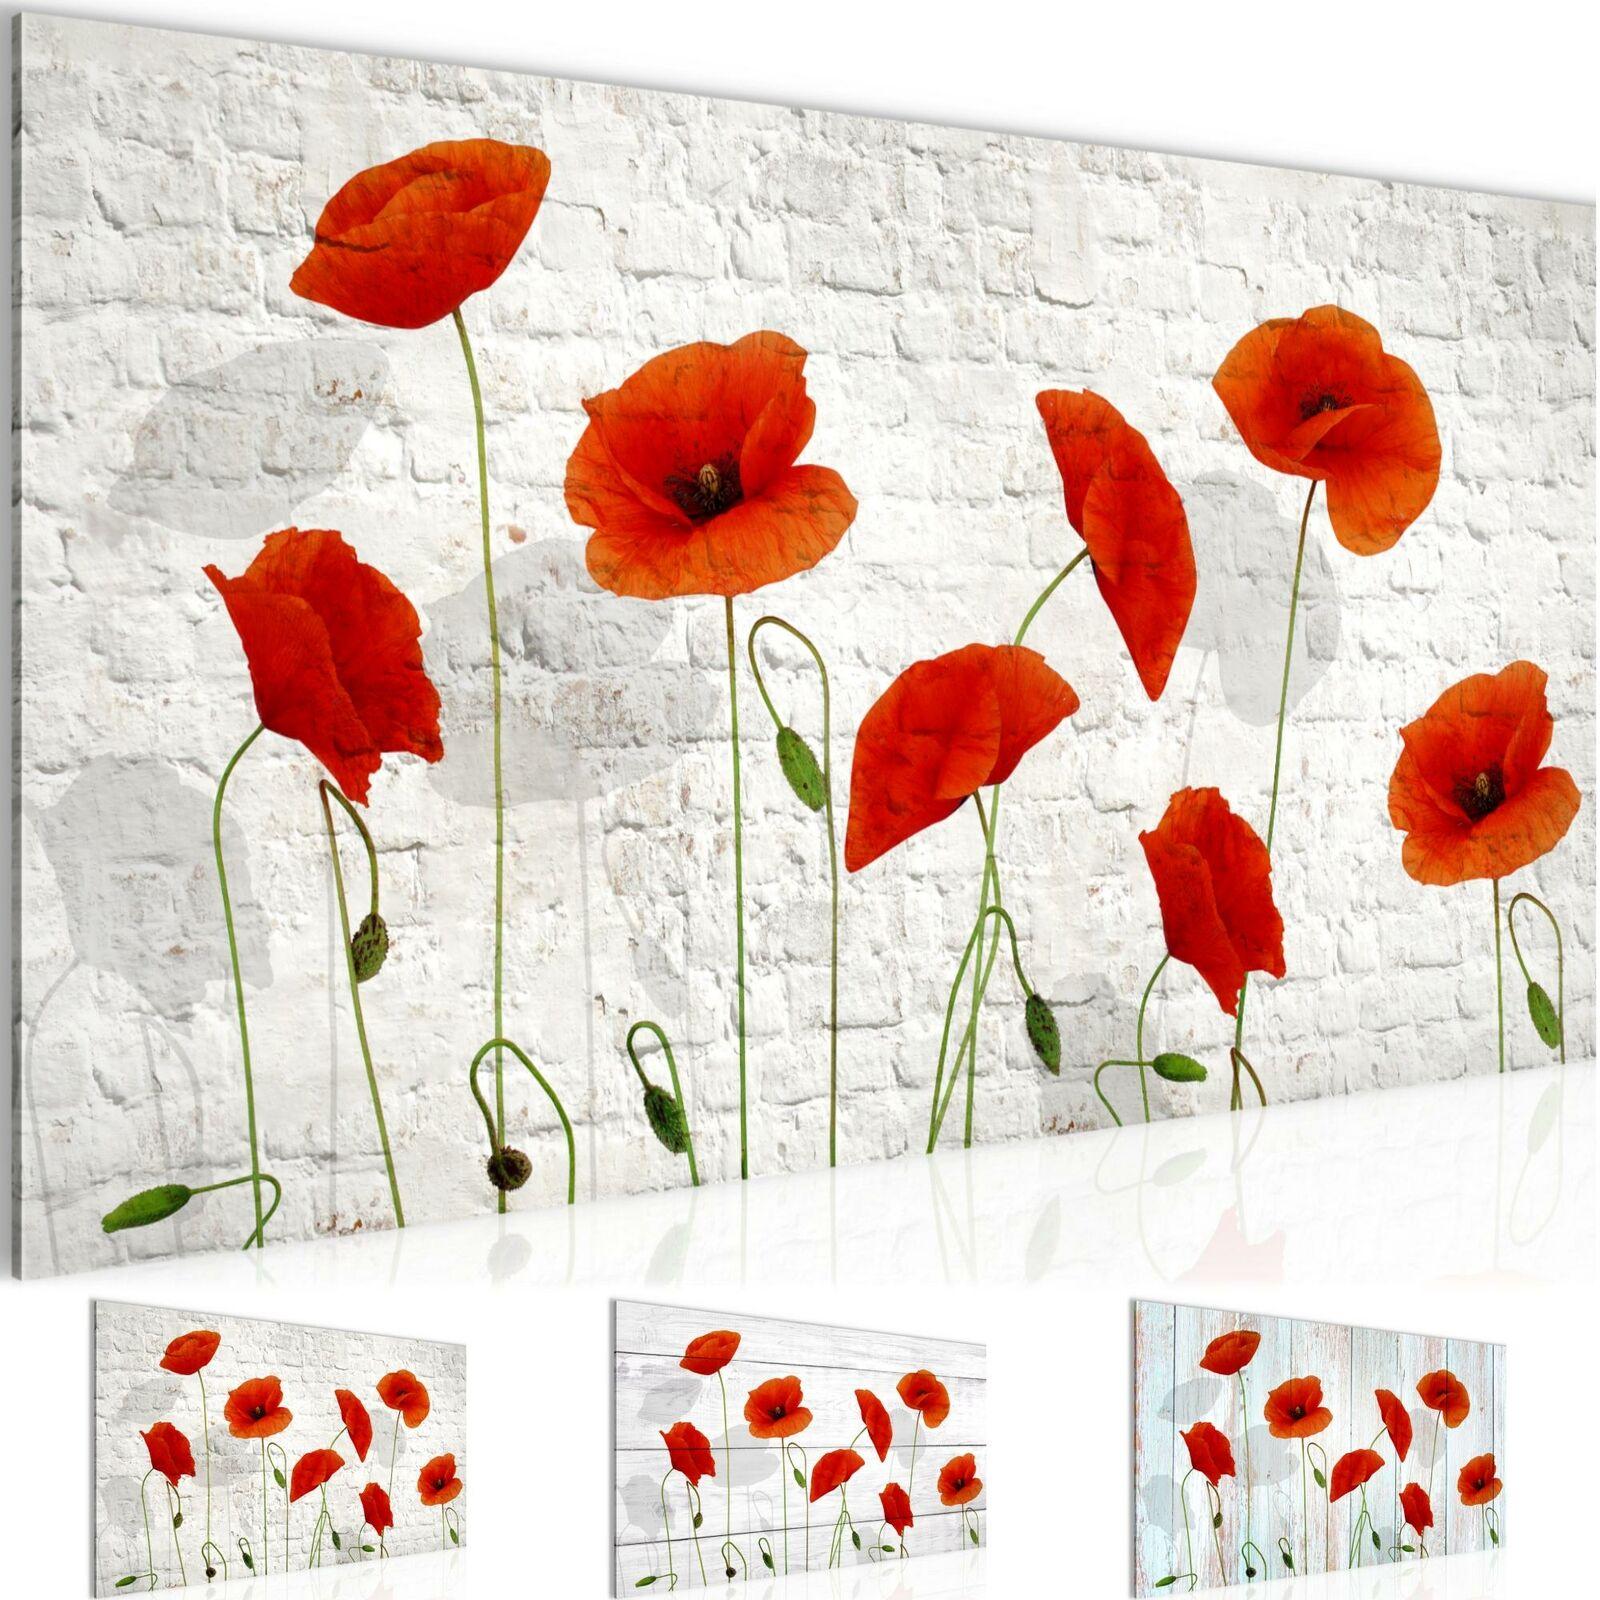 oshhni 12 Teilige Echte Getrocknete Blumenbl/ätter Ahornblatt f/ür DIY Weihnachtskartenherstellung